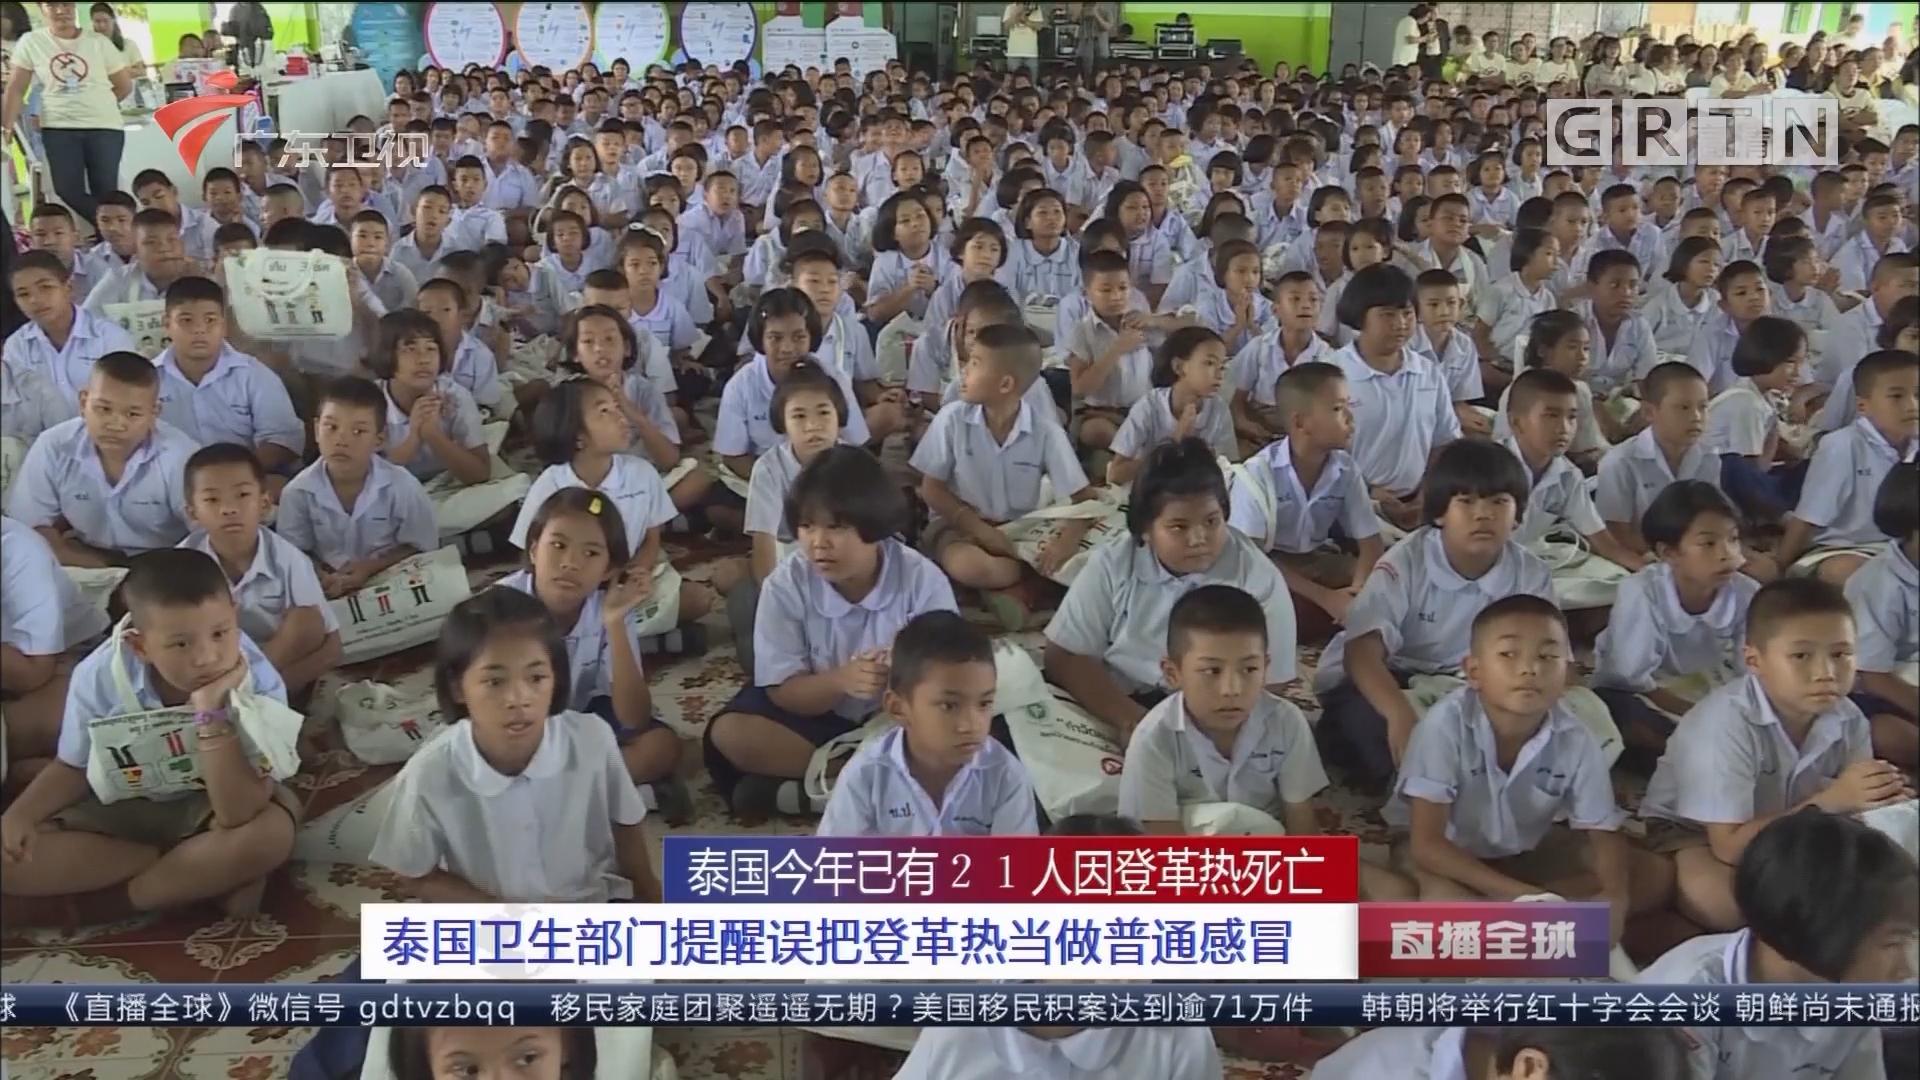 泰国今年已有21人因登革热死亡 泰国卫生部门提醒误把登革热当做普通感冒